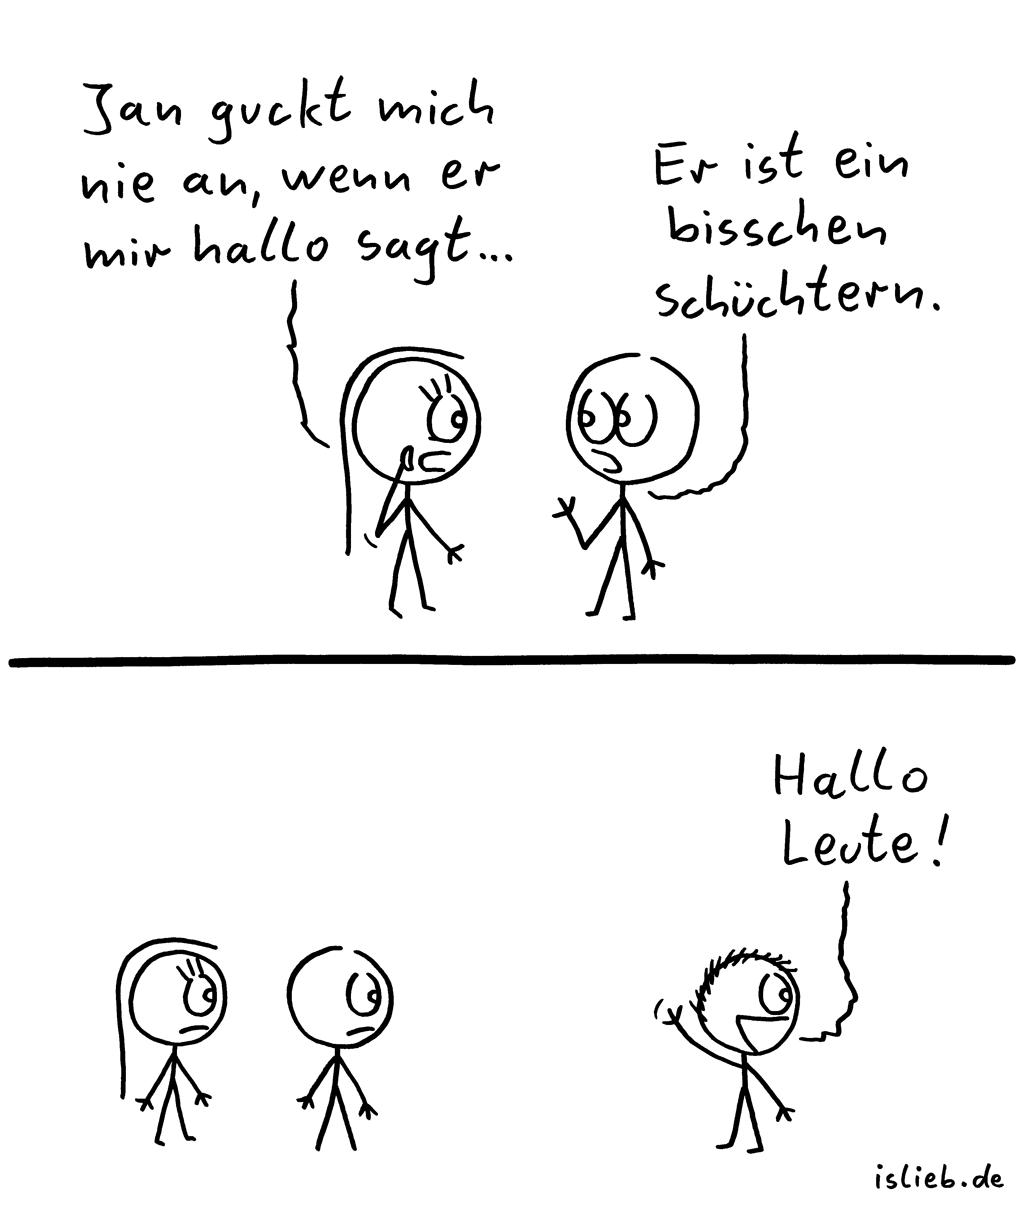 Bisschen schüchtern | Strichmännchen-Comic | is lieb? | Jan guckt mich nie an, wenn er mir hallo sagt. Er ist ein bisschen schüchtern. Hallo Leute! | Schüchternheit, verklemmt, Blickkontakt, Sozialphobie